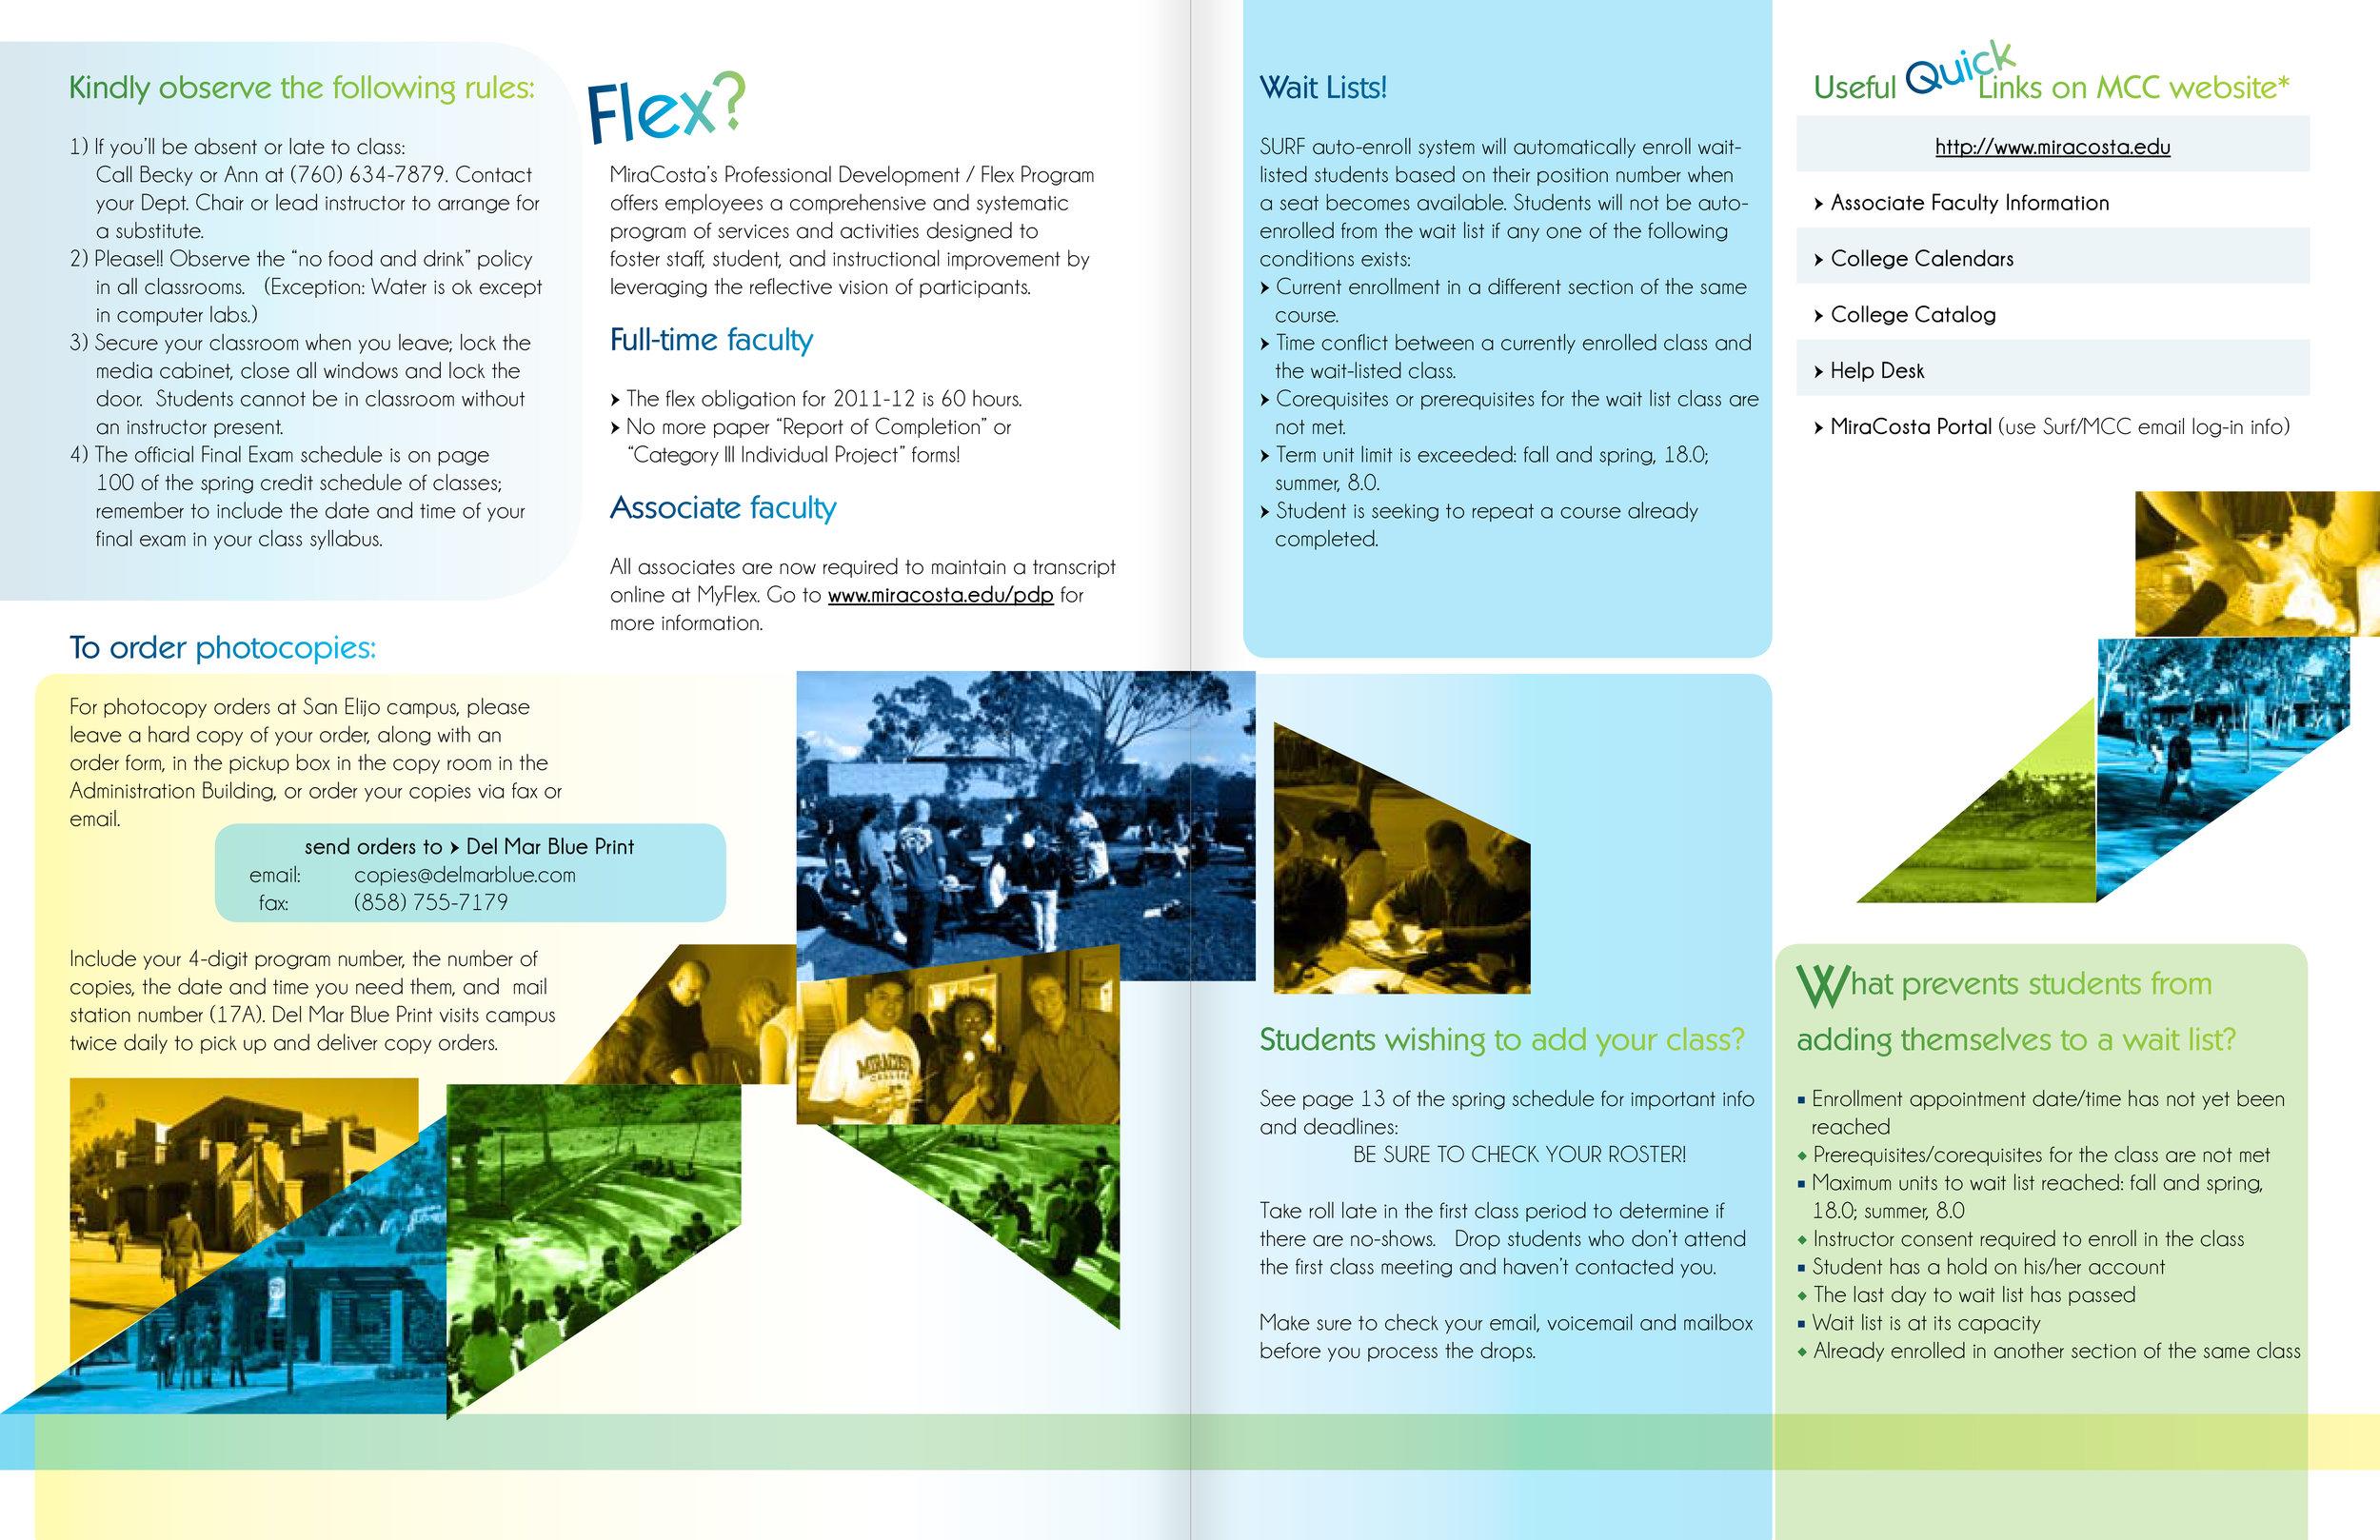 OpeningWeekBulletin_Spring2012_SEC-inside.jpg